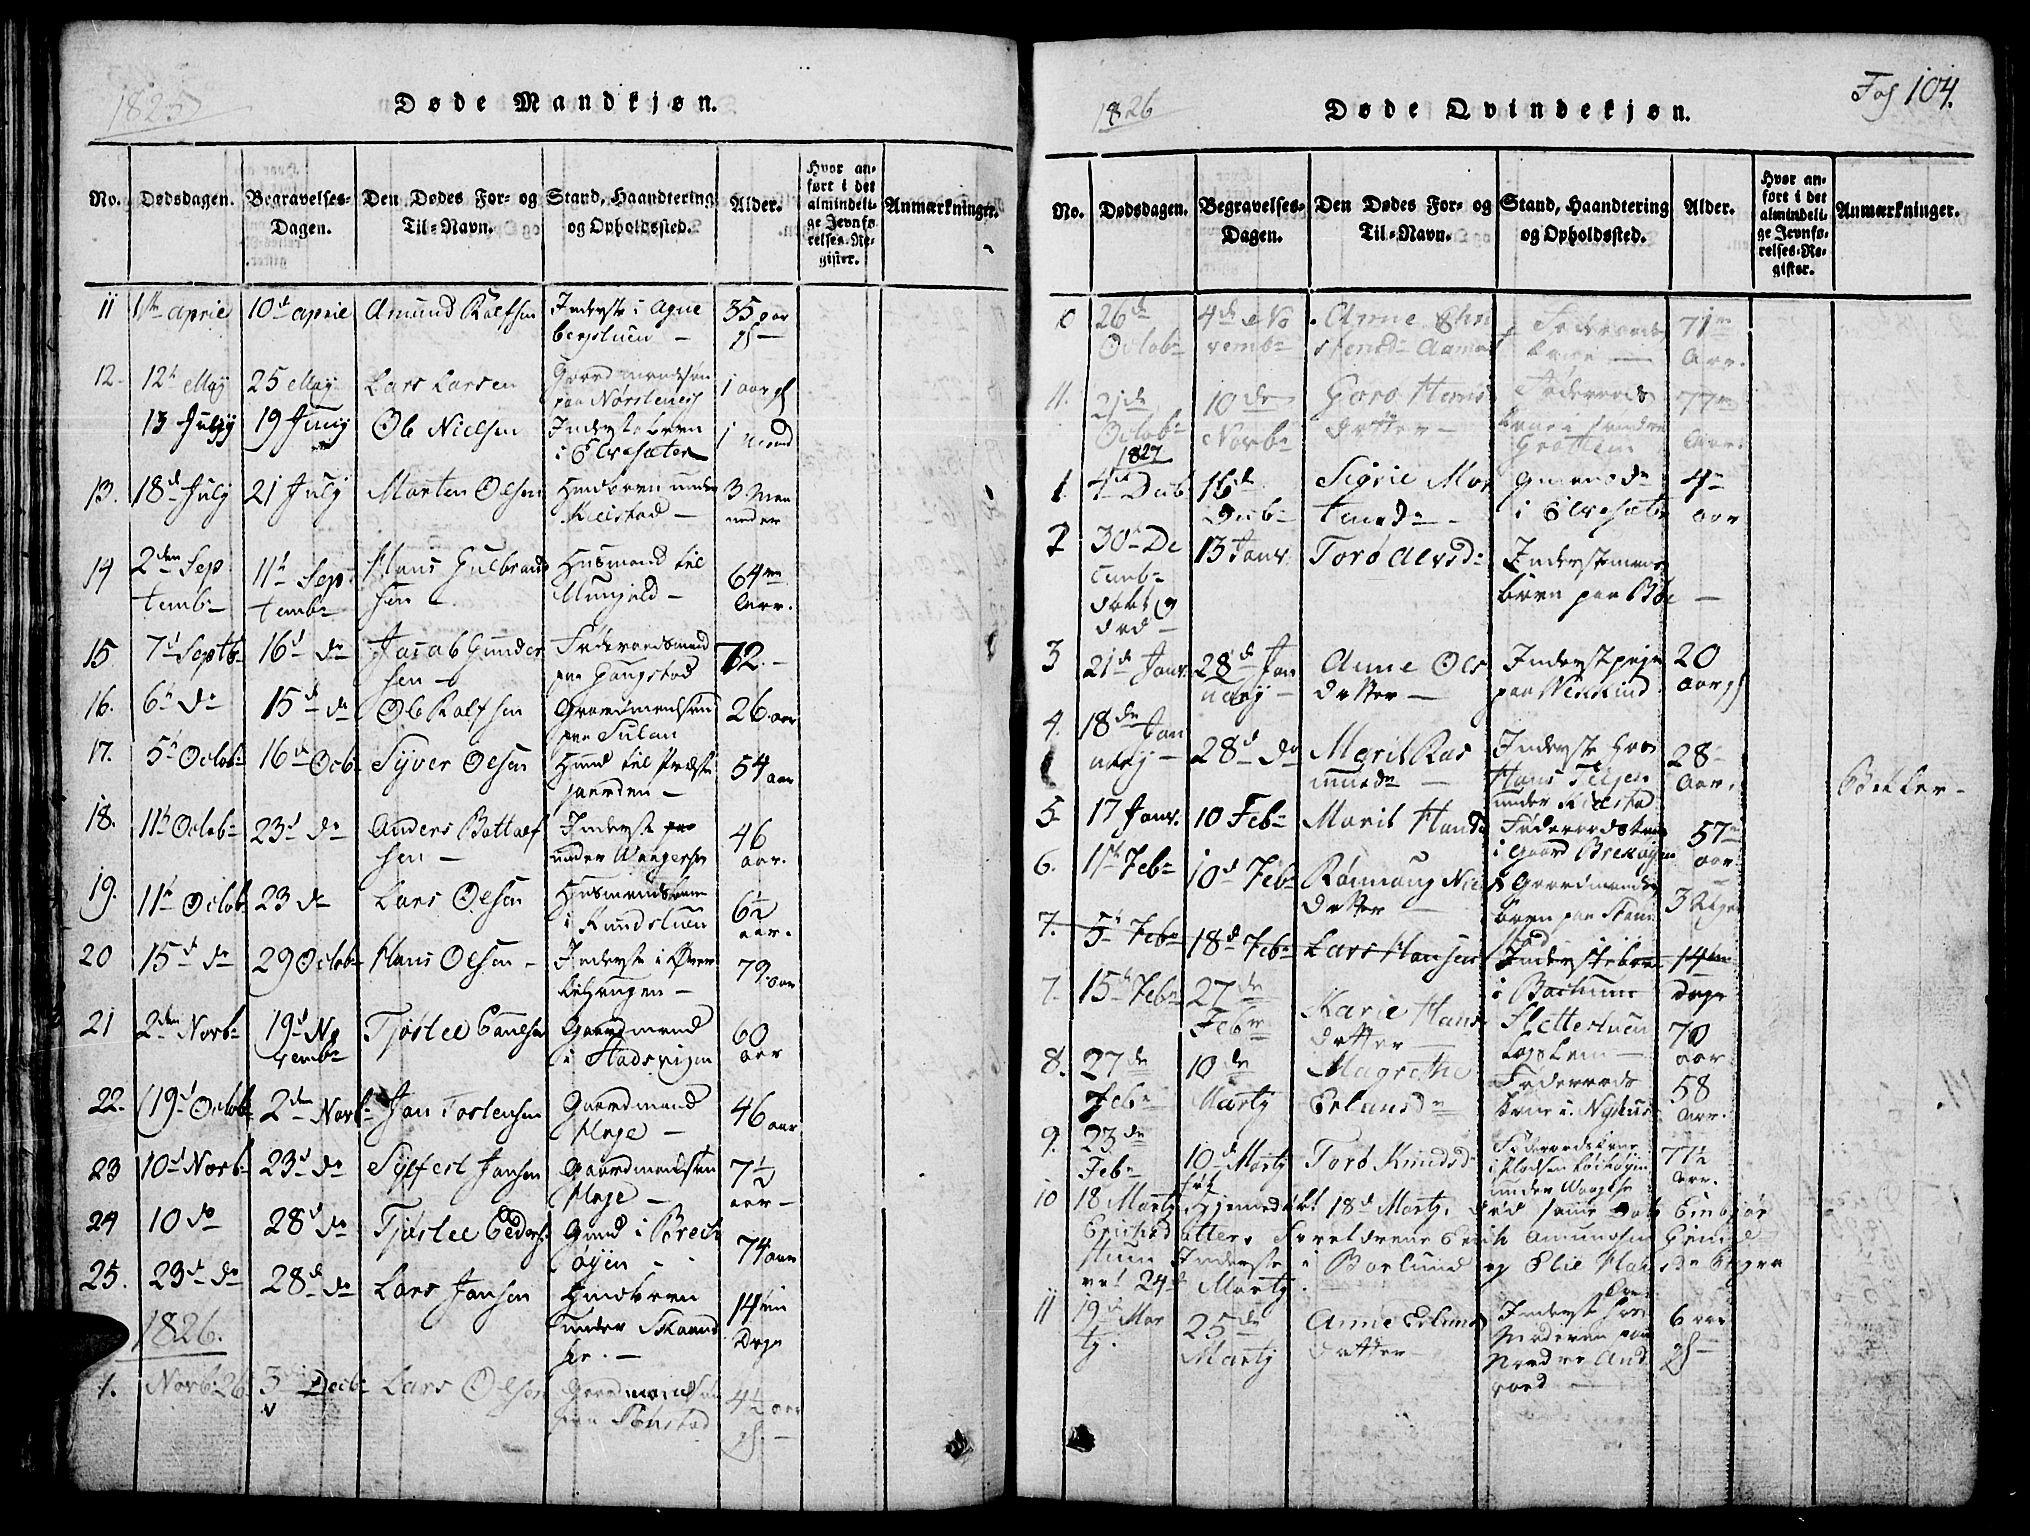 SAH, Lom prestekontor, L/L0001: Klokkerbok nr. 1, 1815-1836, s. 104